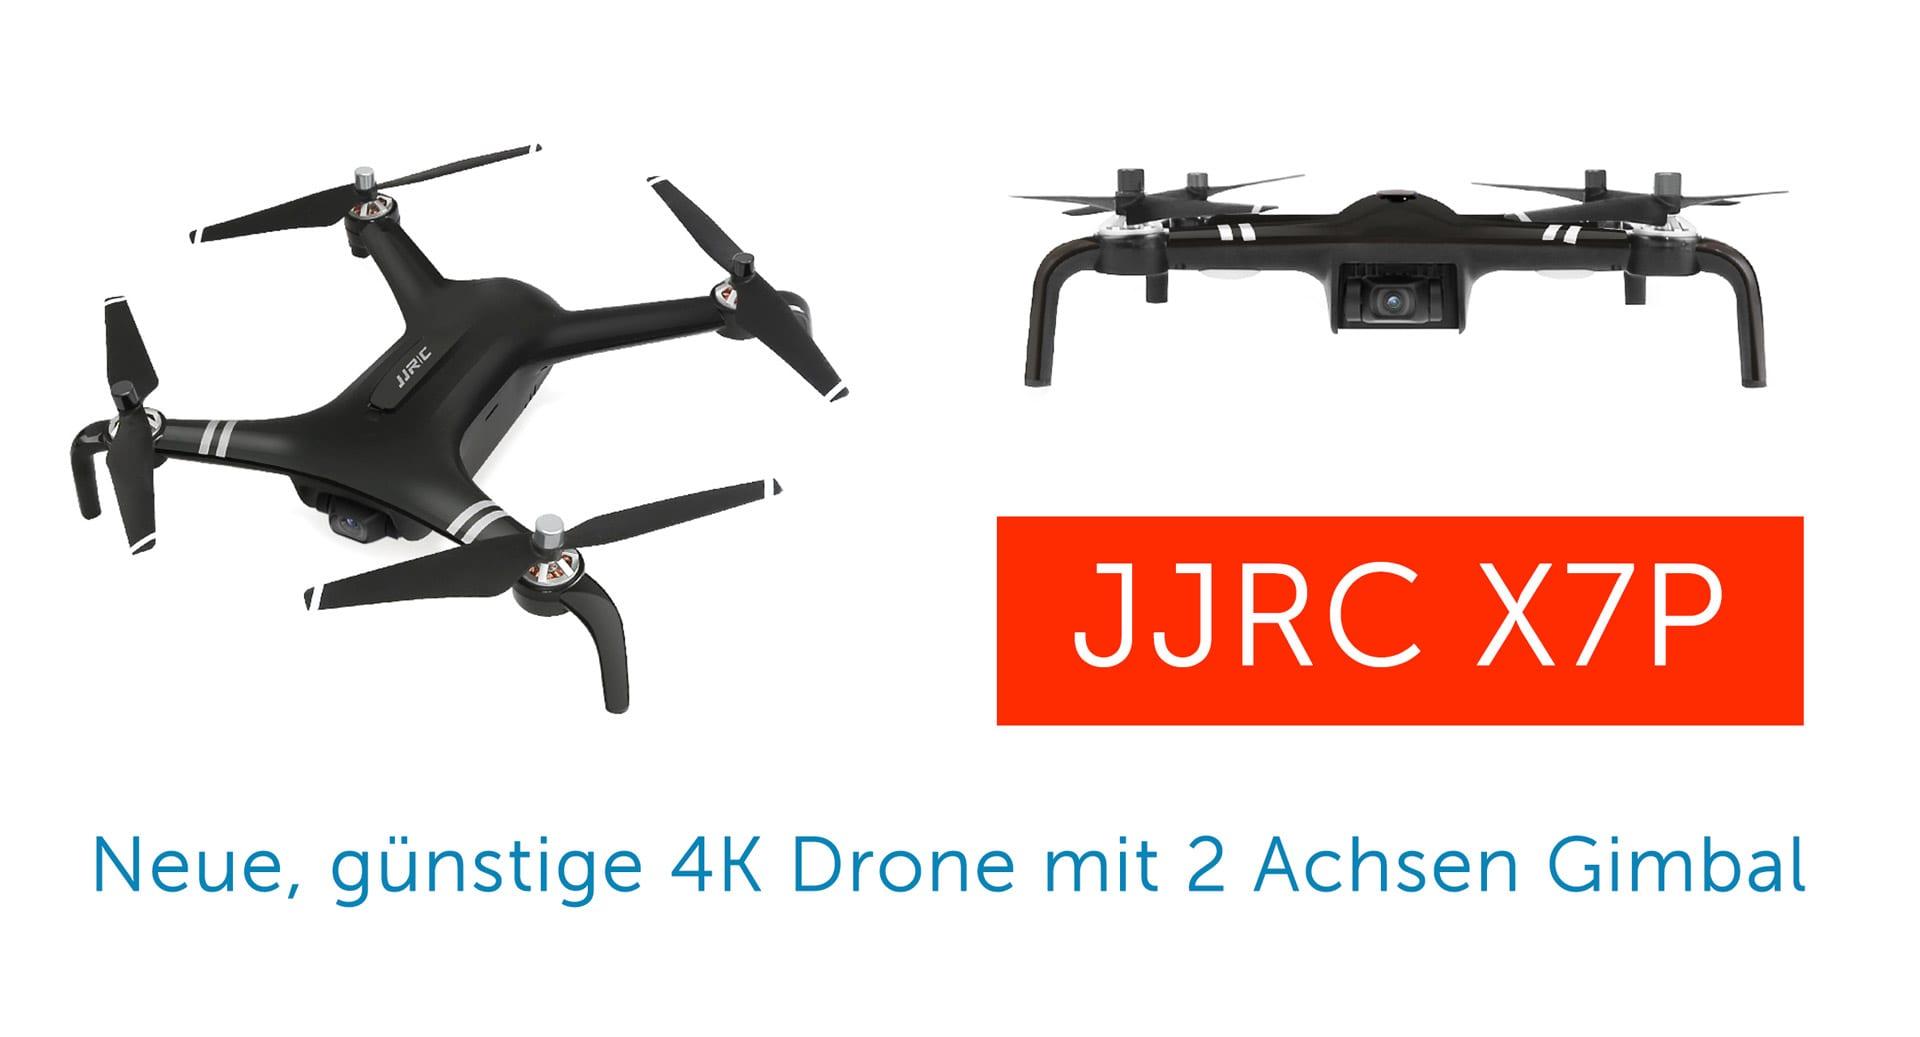 JJRC X7P Smart+ ist eine günstige Drohne mit 4K und 2-Achsen Gimbal